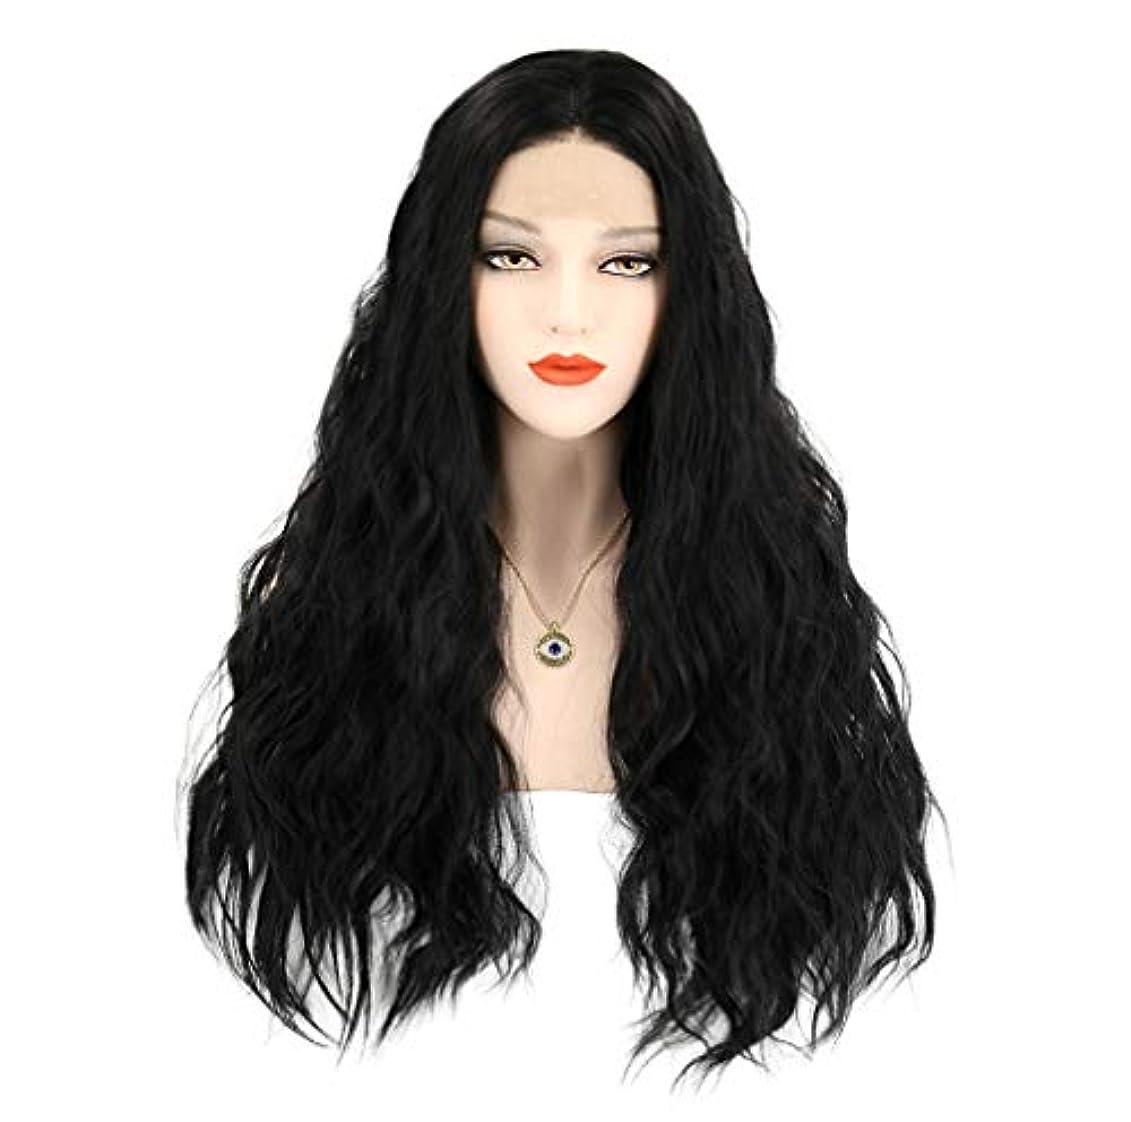 知覚する平野穿孔する女性かつらロングフロントレースかつら波状人工毛温度150%密度黒26インチ